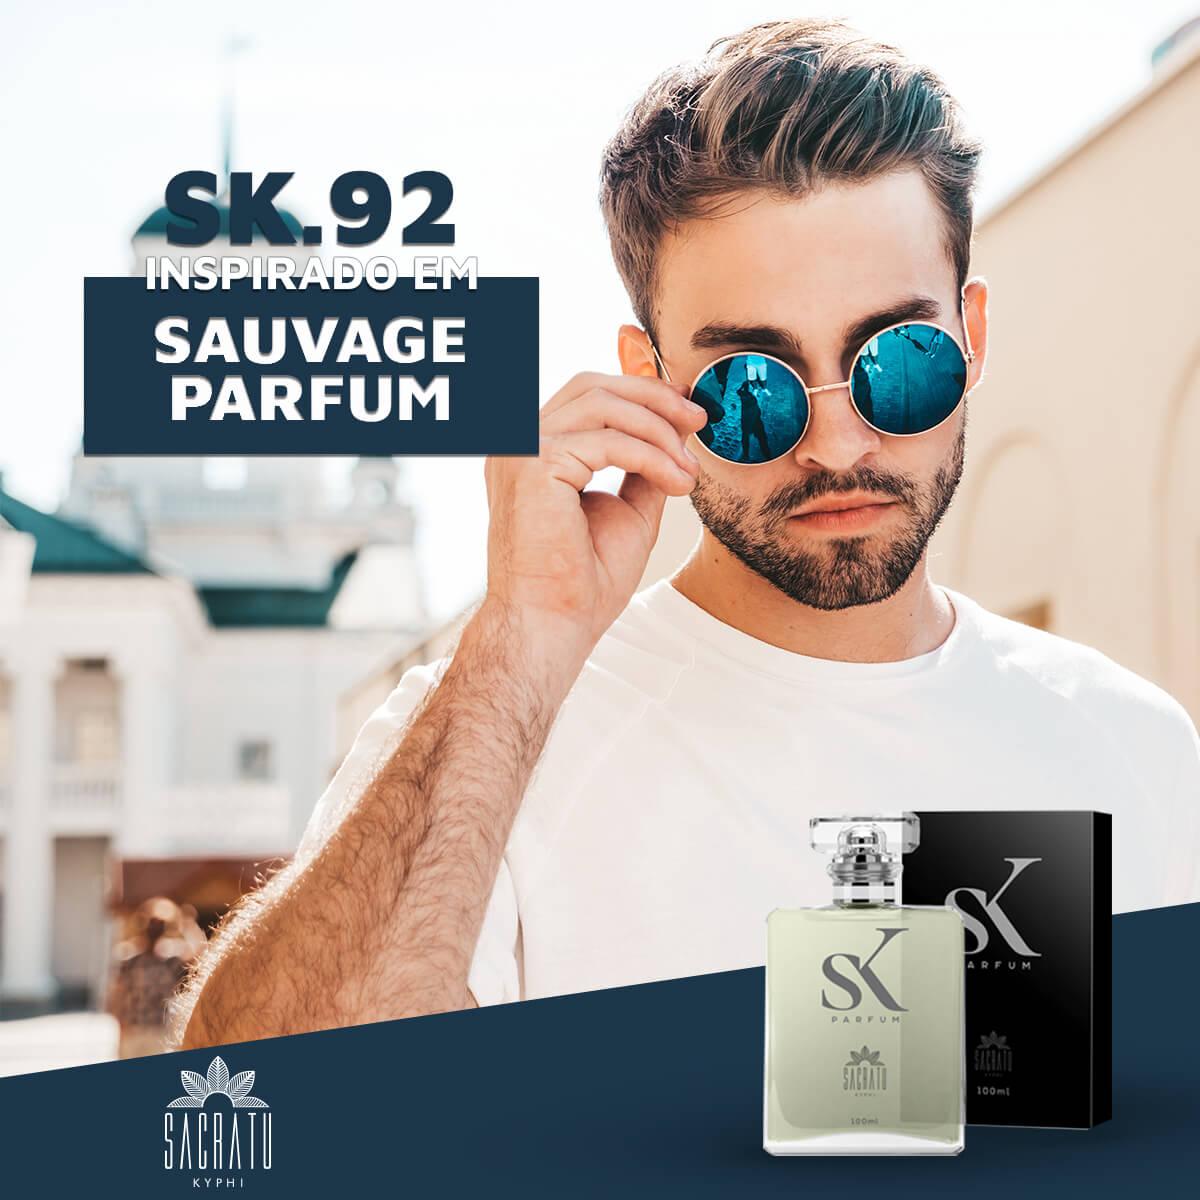 SK 92  - Inspirado em Sauvage Parfum by Christian Dior